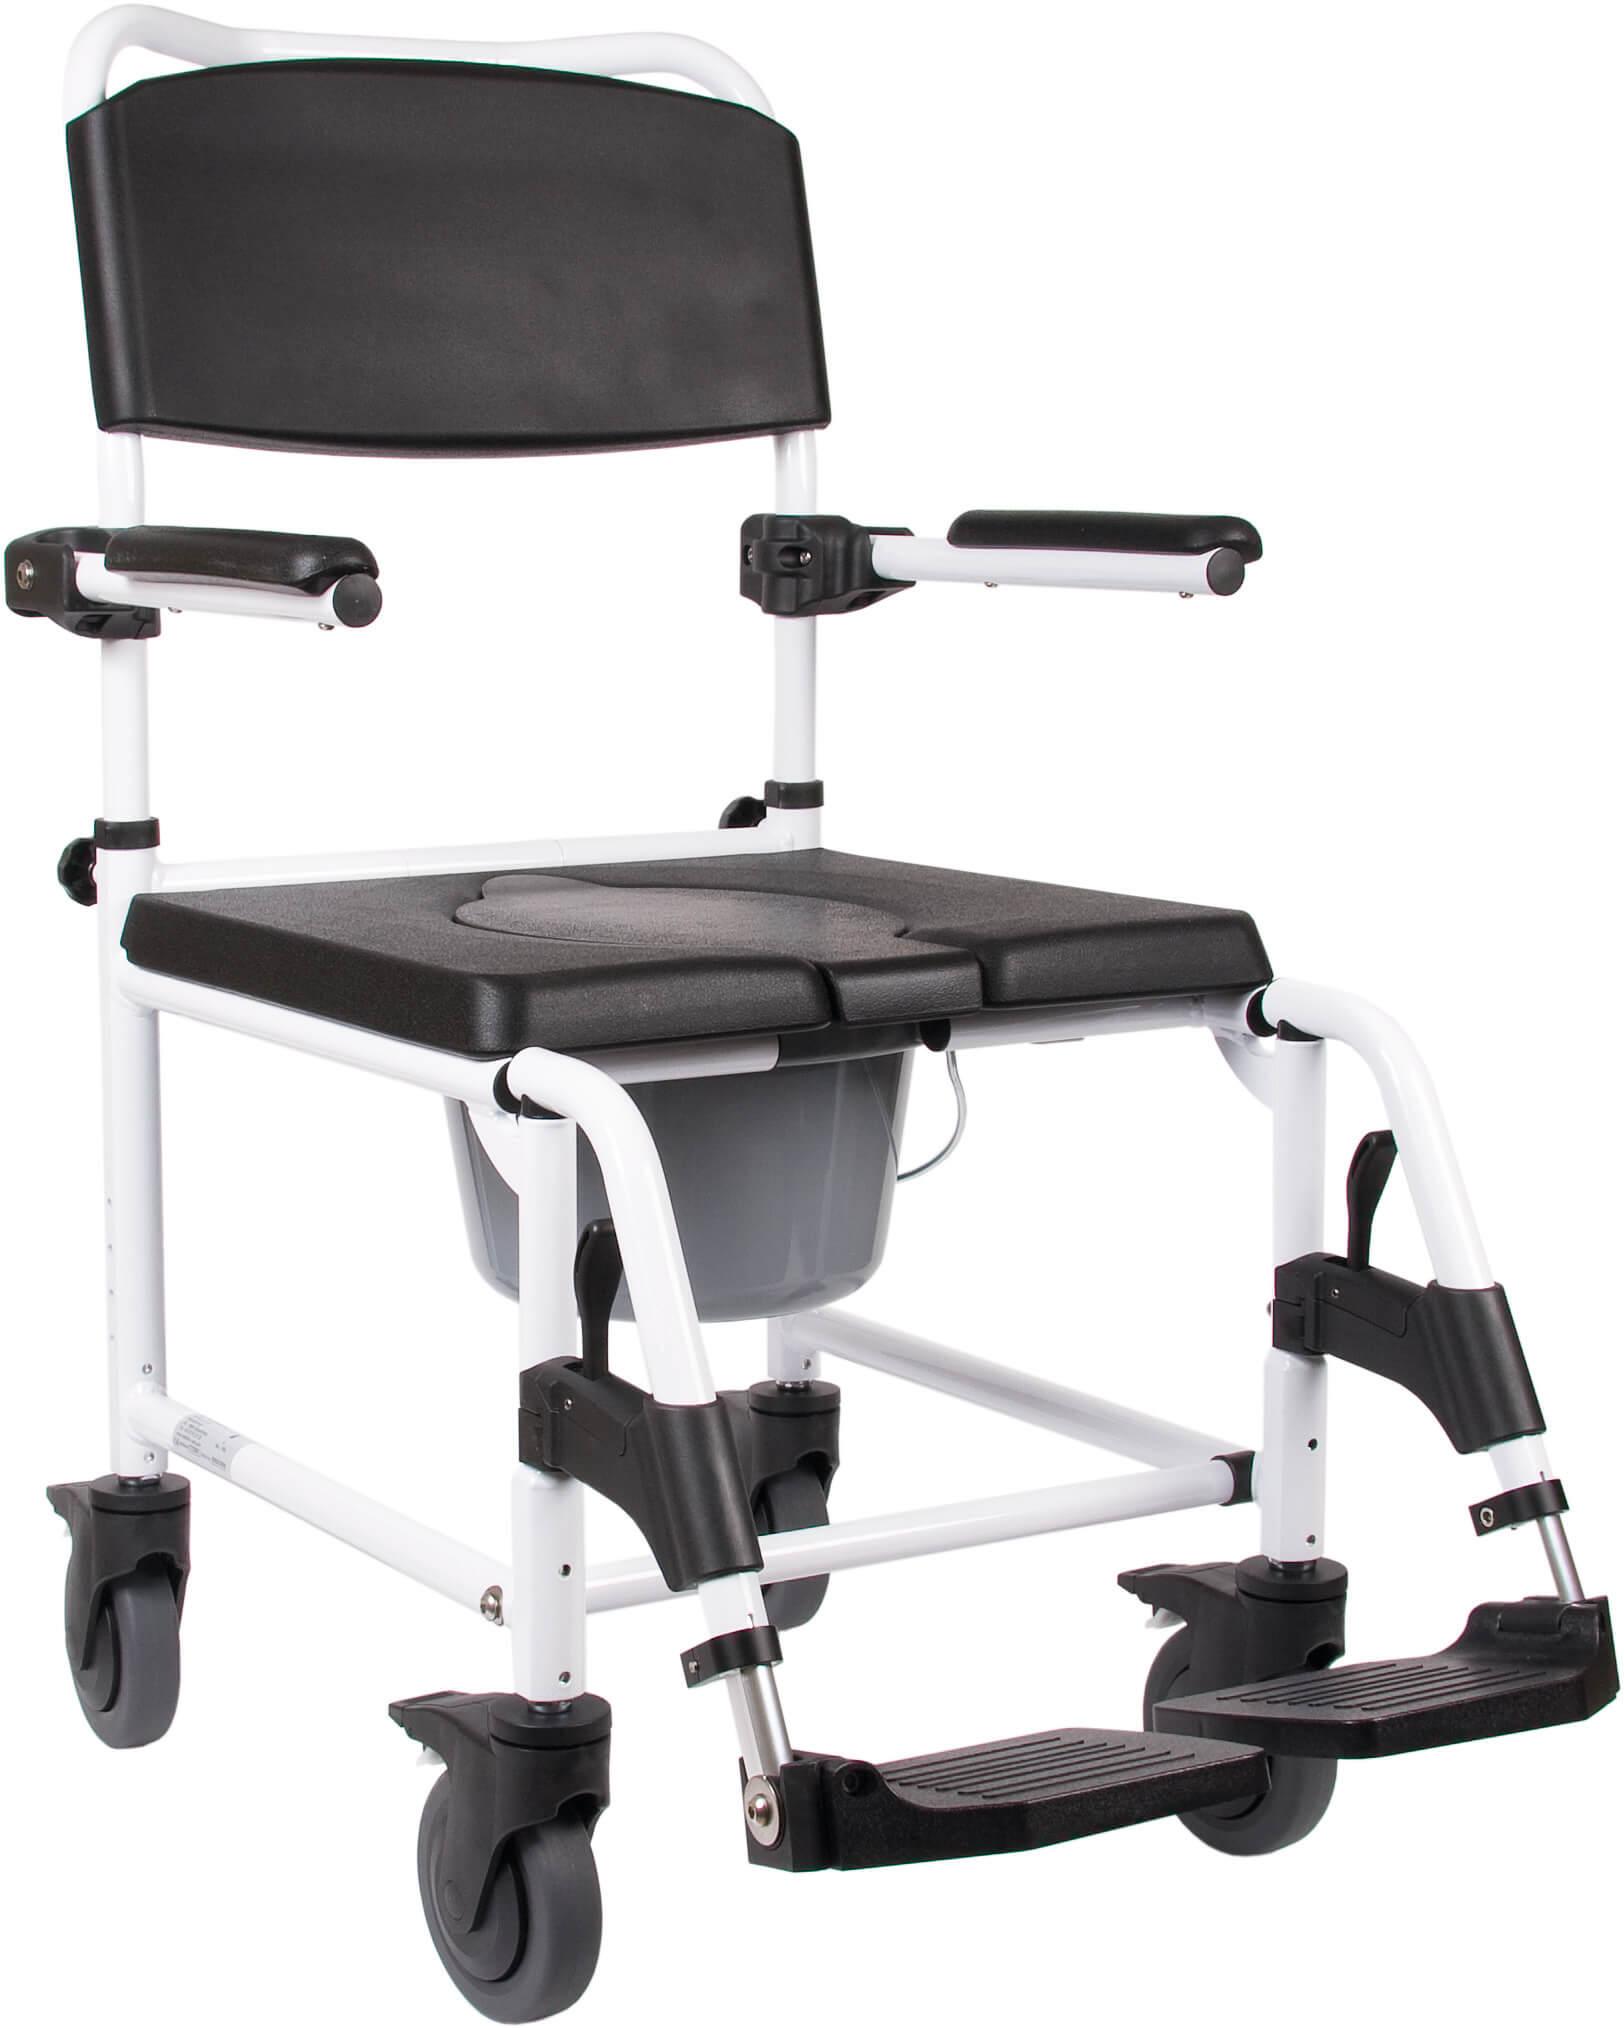 Toiletstol med hjul (bækkenstol) – pris 2899.00